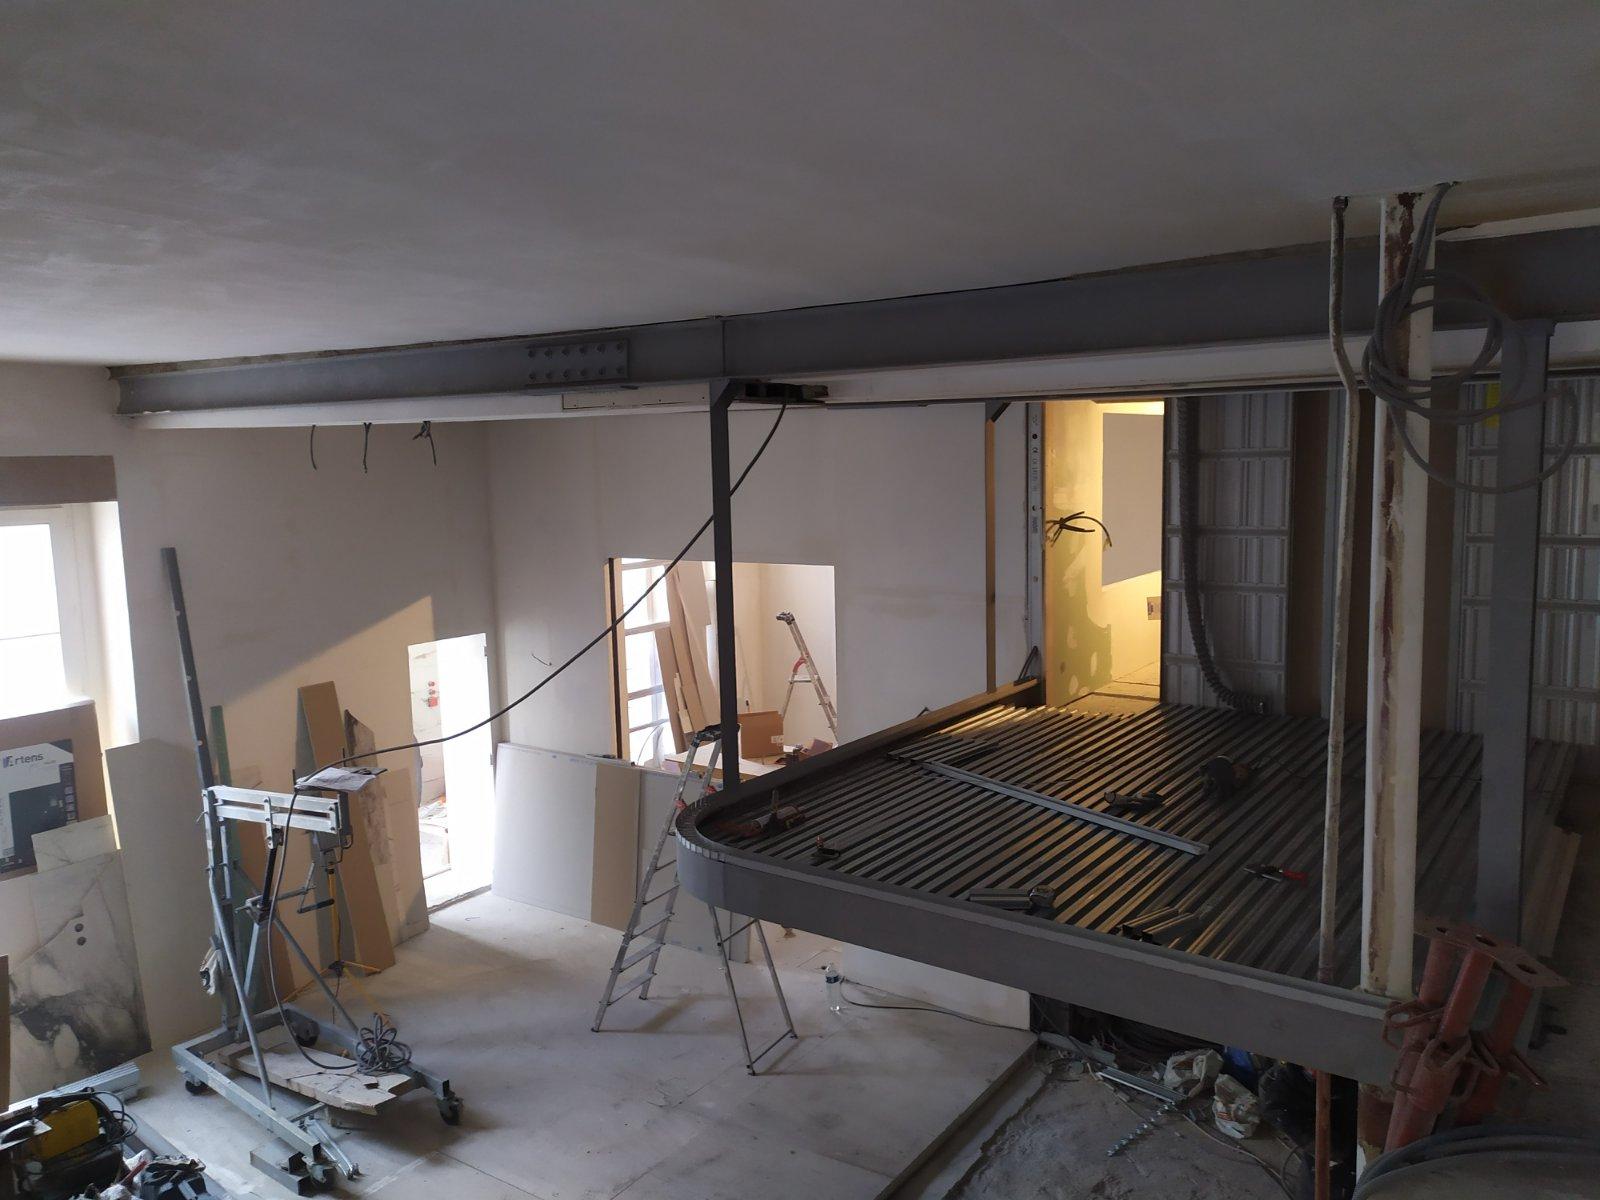 Mezzanine Plancher collaborant - Réalisation de mezzanine sur mesure à Champigny-sur-Marne. Création de plancher collaborant. 1